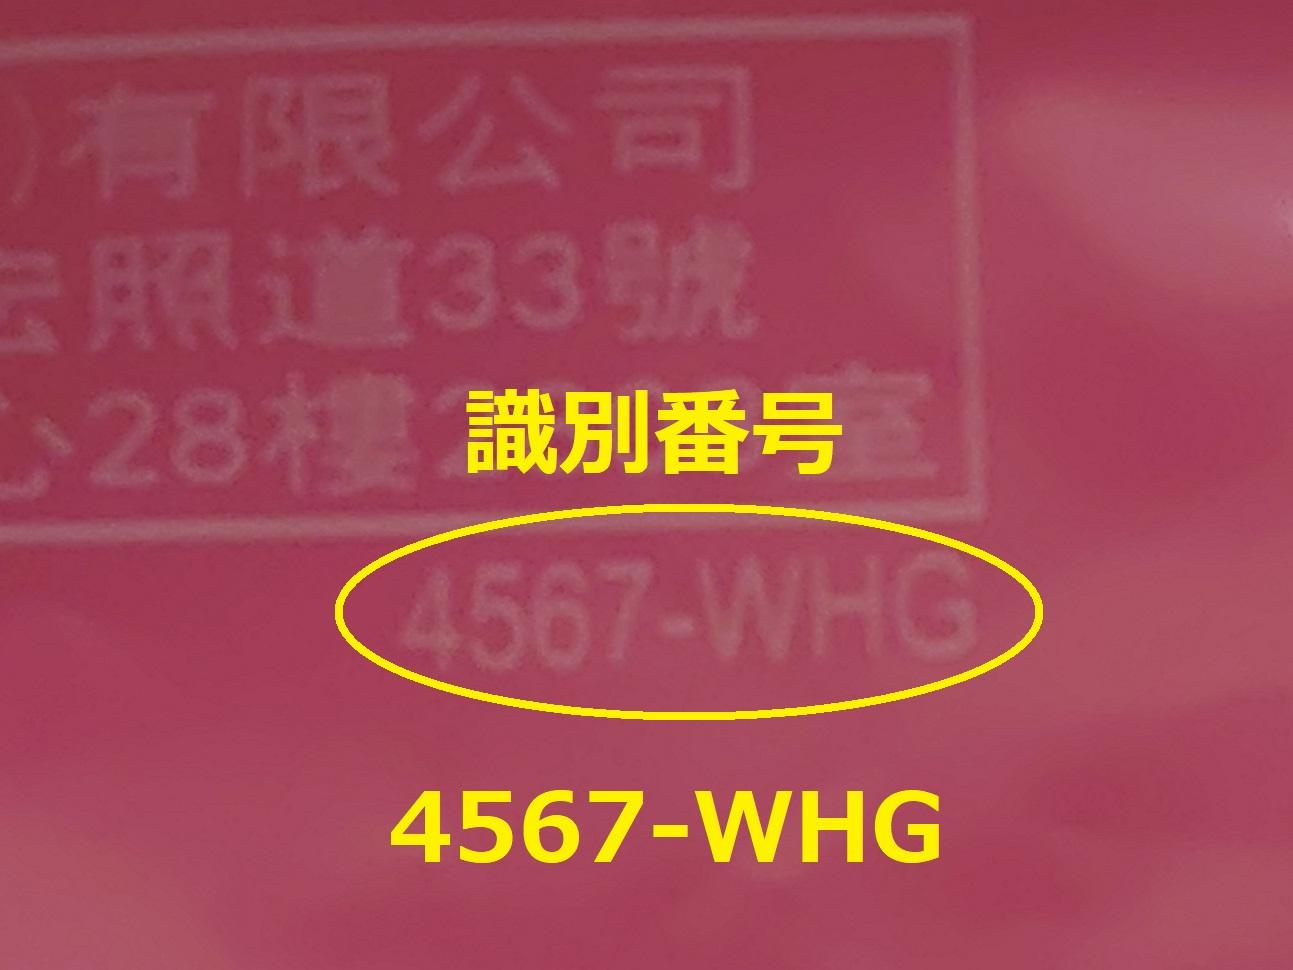 識別番号:4567-WHG